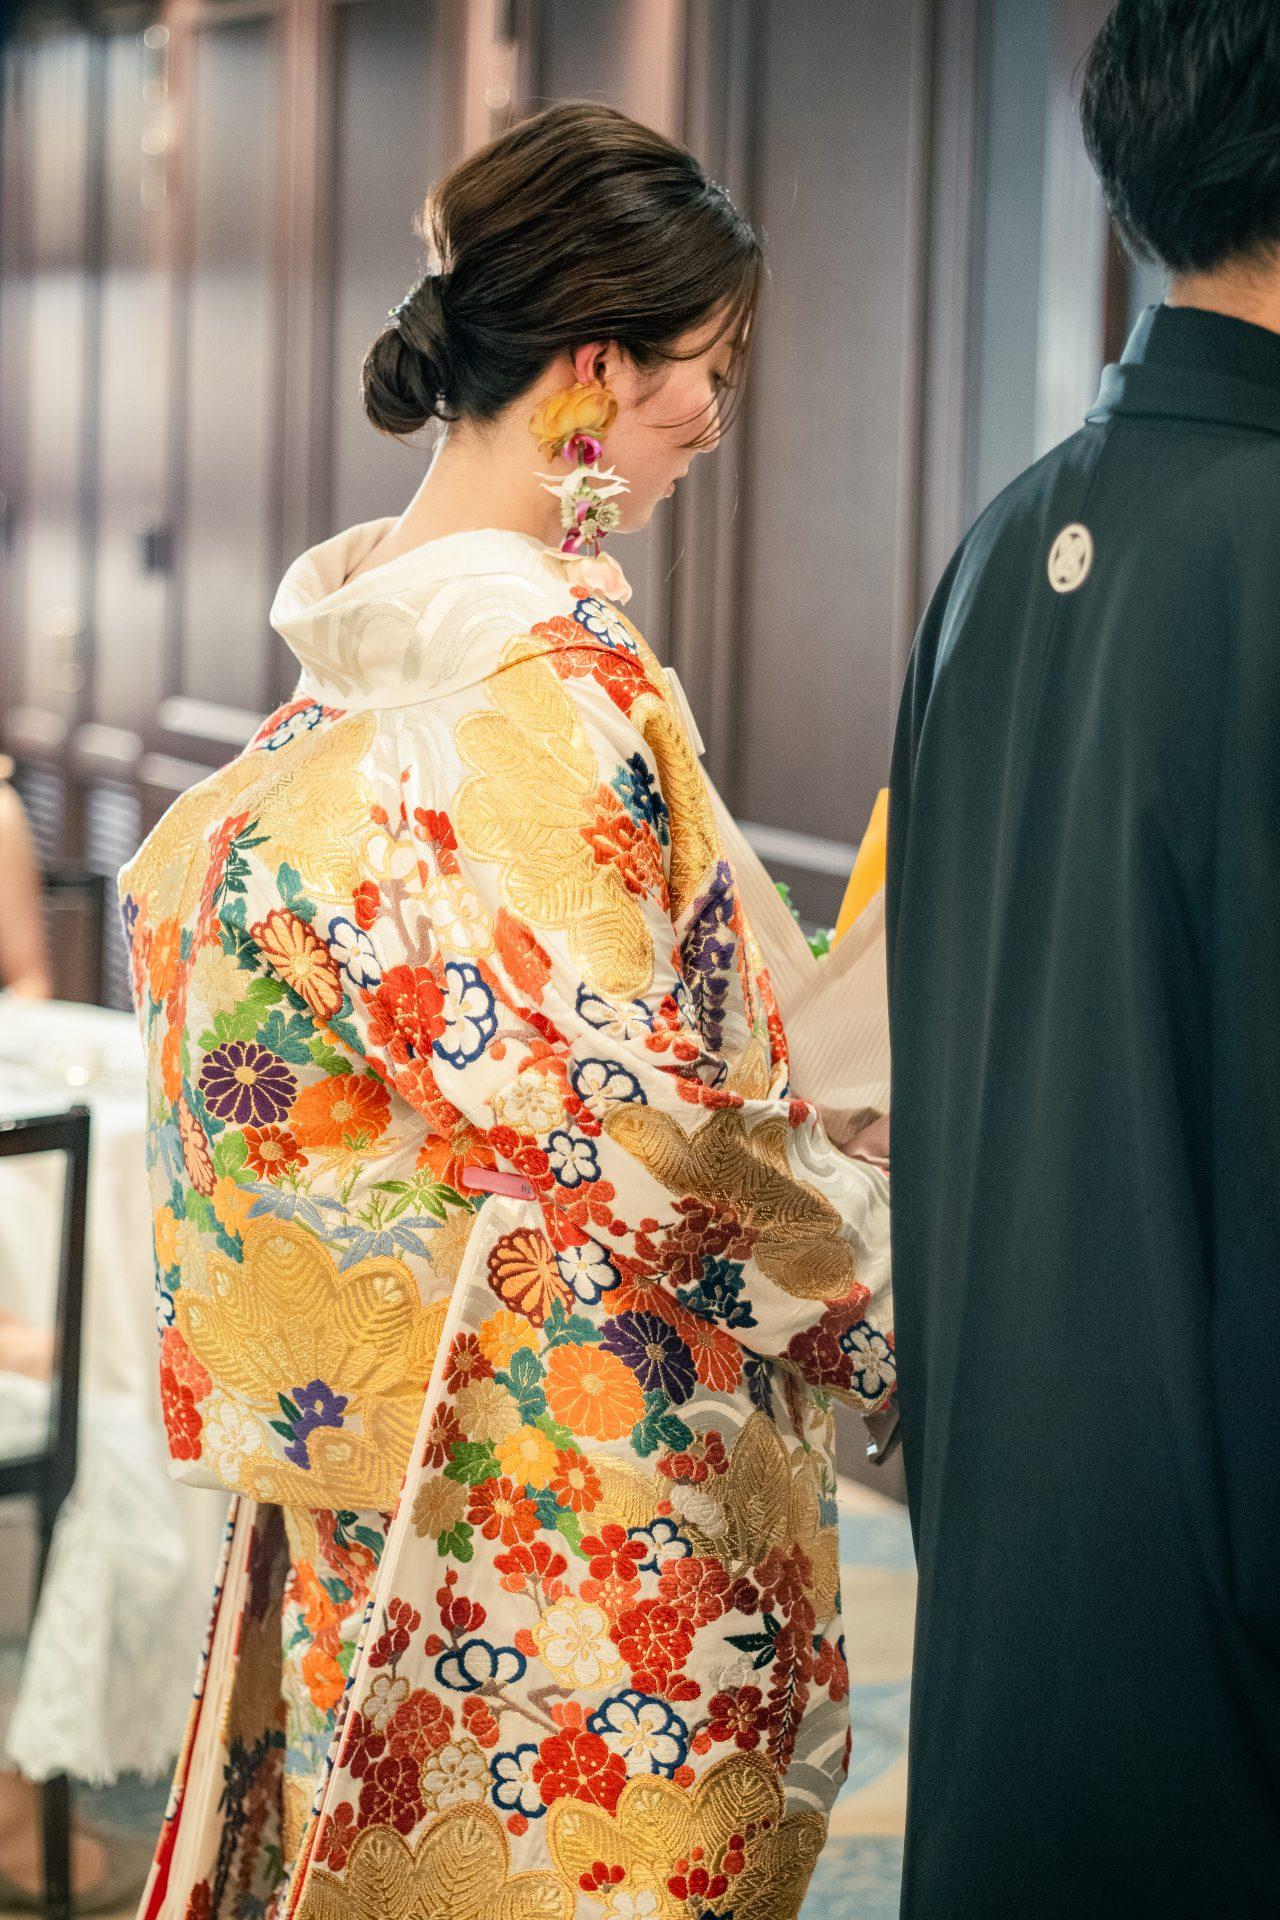 まとめたシニヨンに施された煌びやかな金箔は優美な印象を与えつつ、生花をアレンジしたいイヤリングで華やかさを演出した色打掛のコーディネート